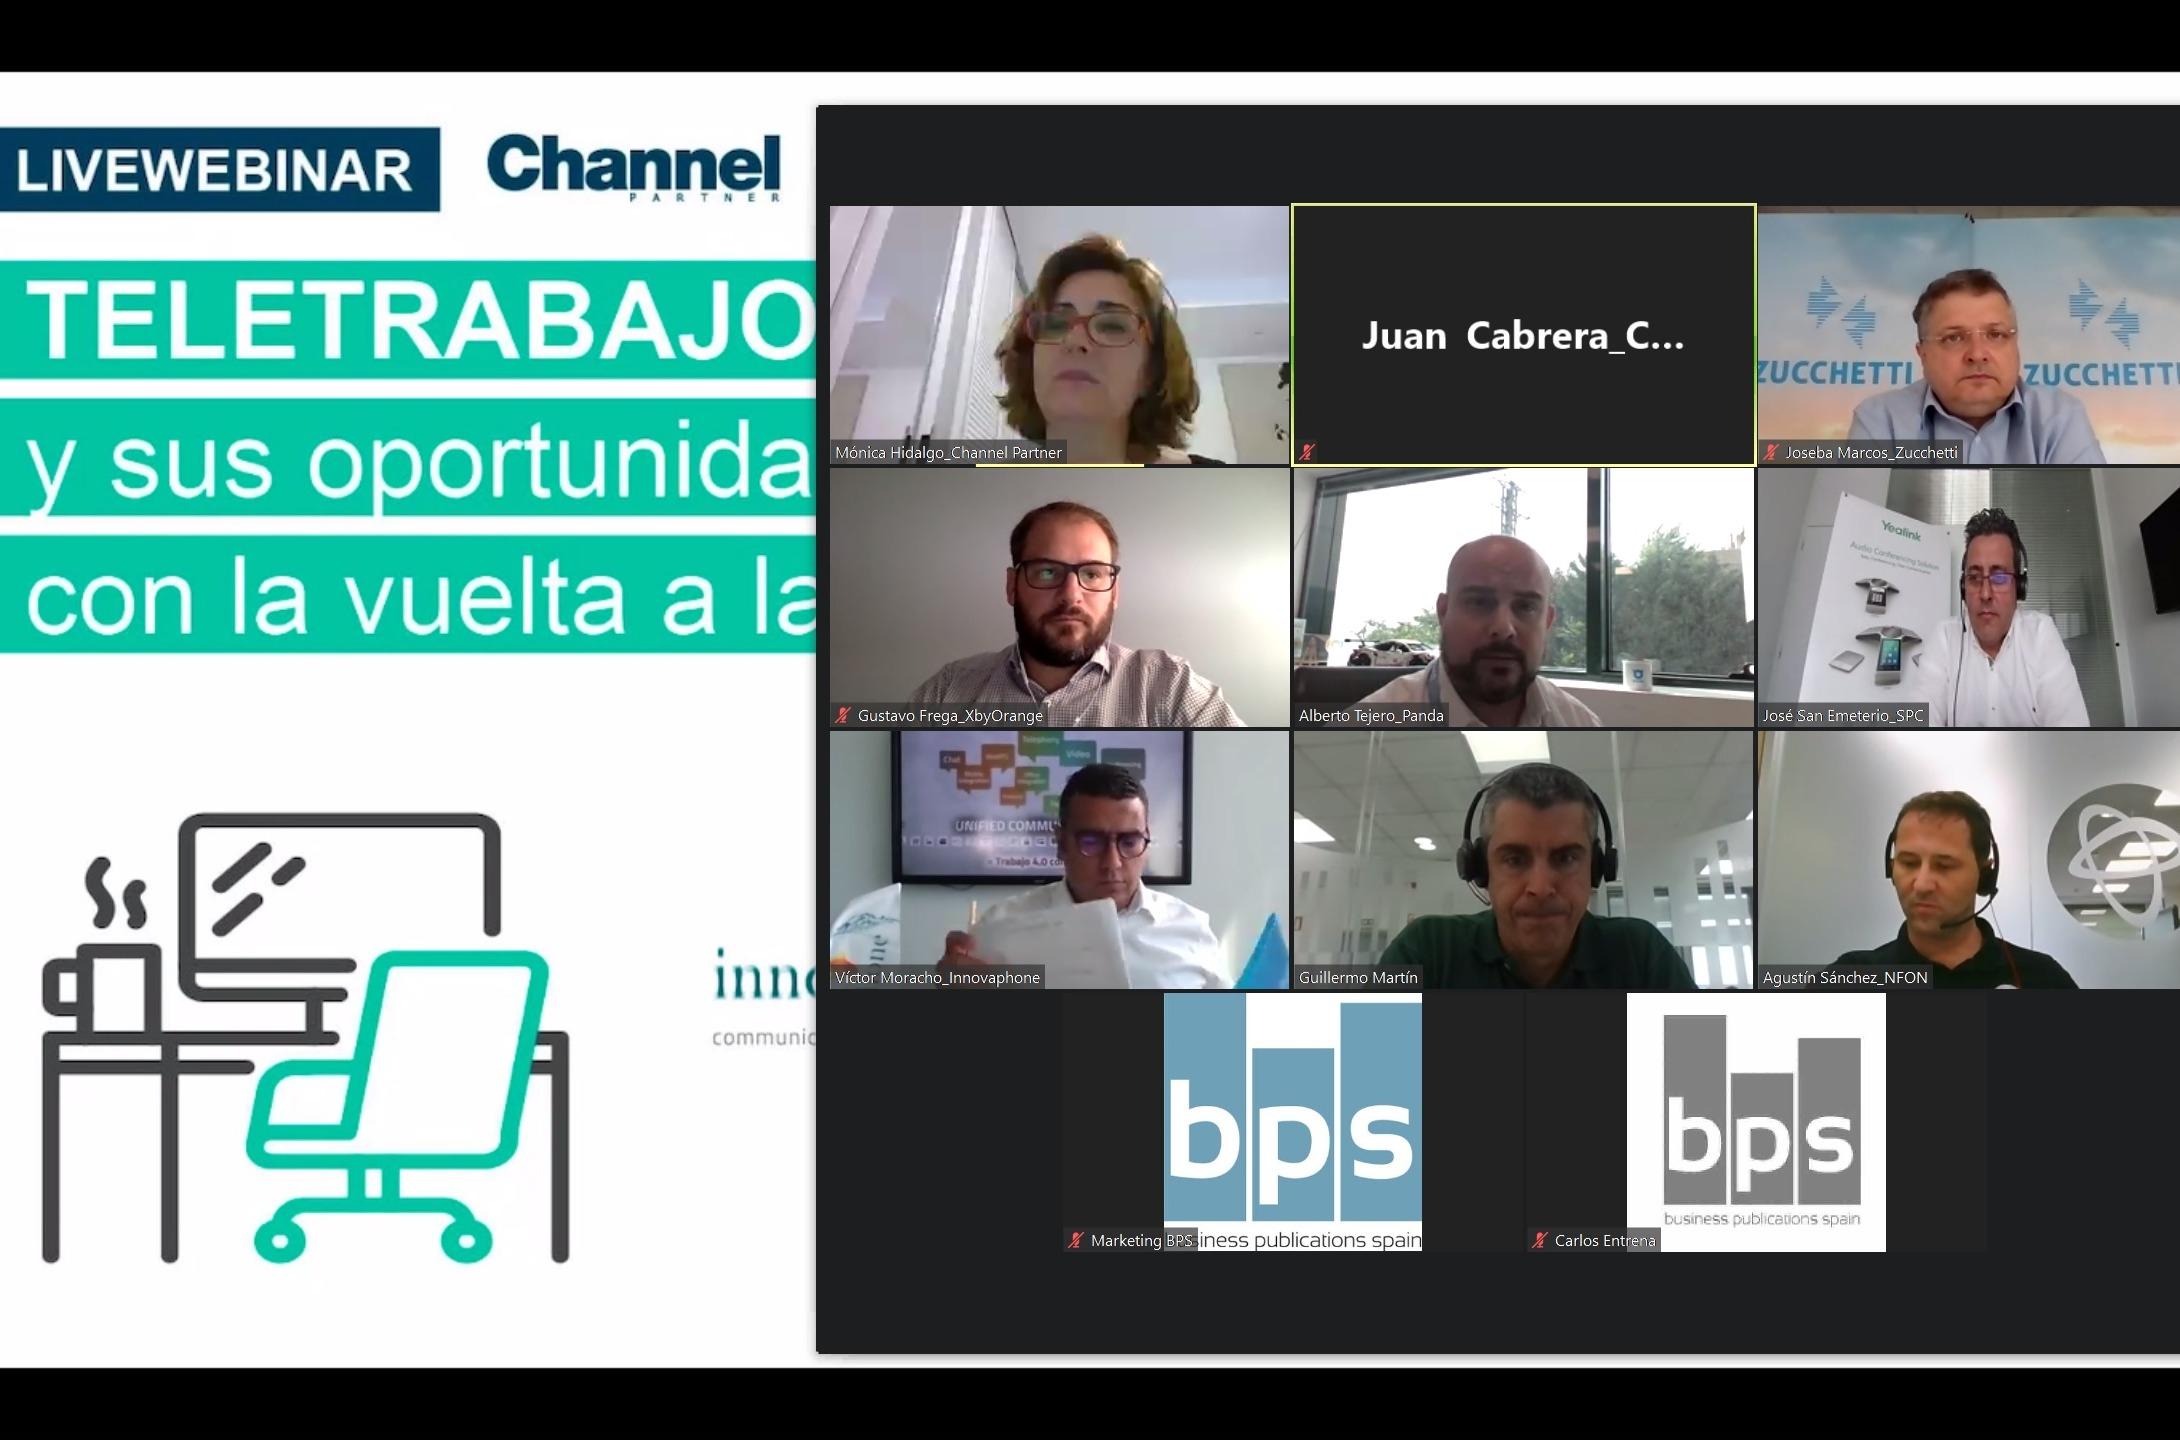 Webinar sobre teletrabajo en CHANNEL PARTNER (julio 2020).